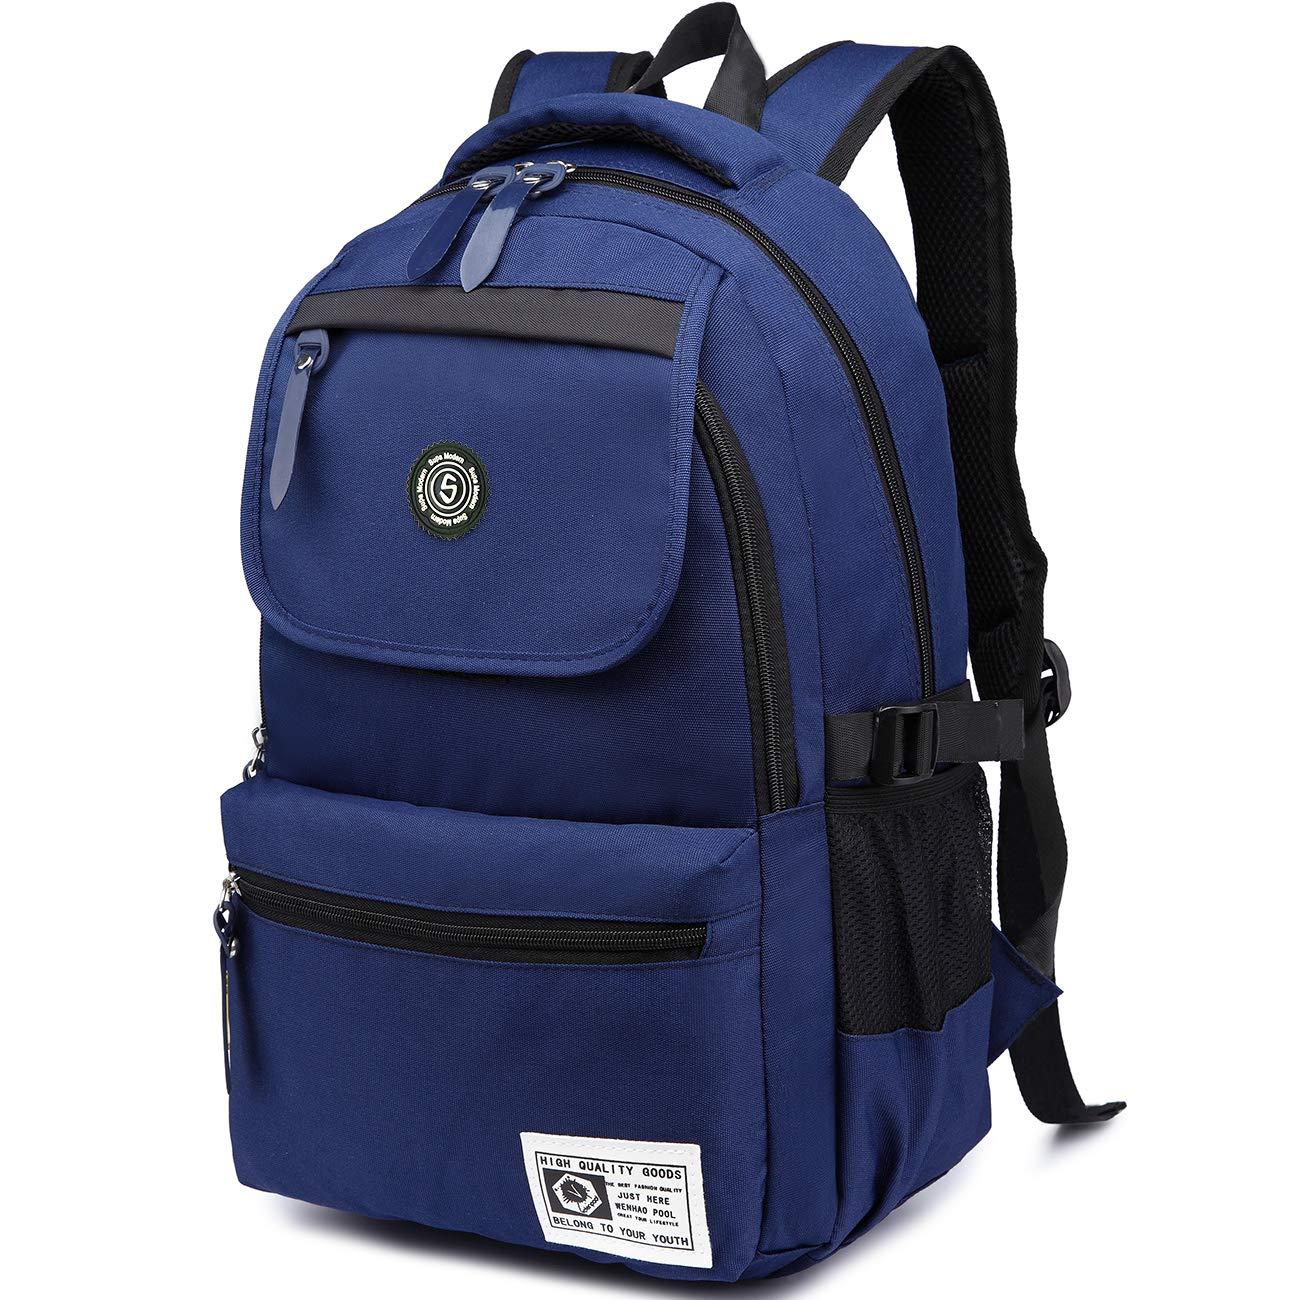 ordinateur portable Large bleu Super Modern Sac /à dos unisexe en nylon imperm/éable pour randonn/ée sport